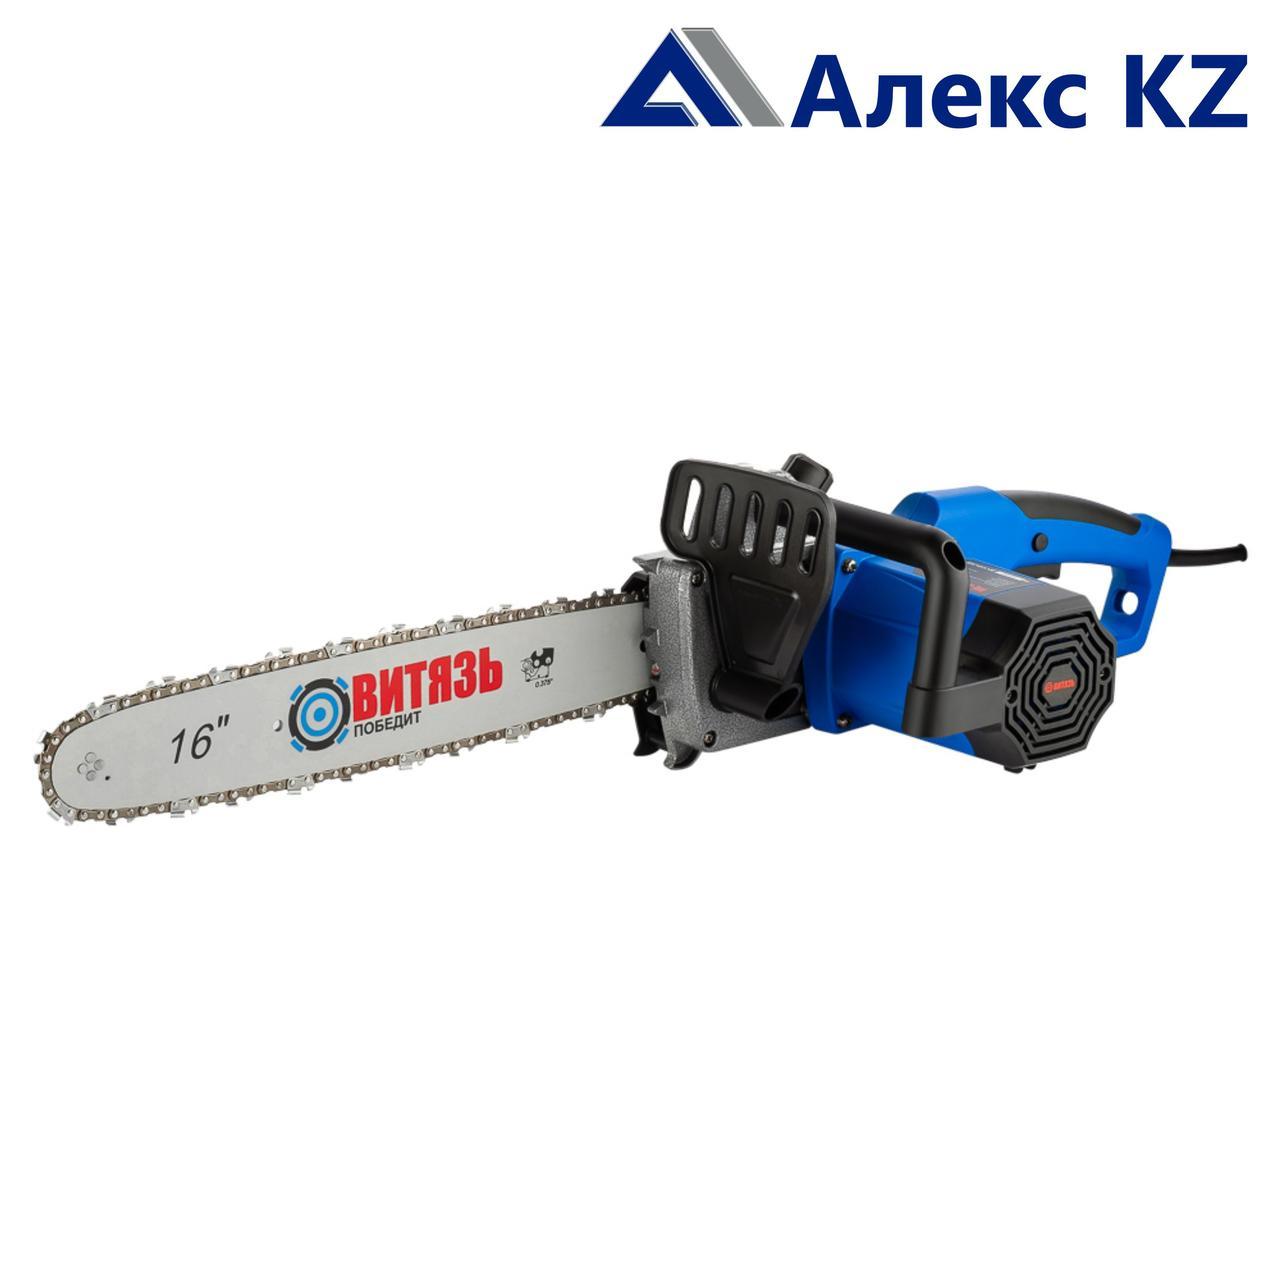 Витязь ПЦ-2200 Пила электрическая цепная